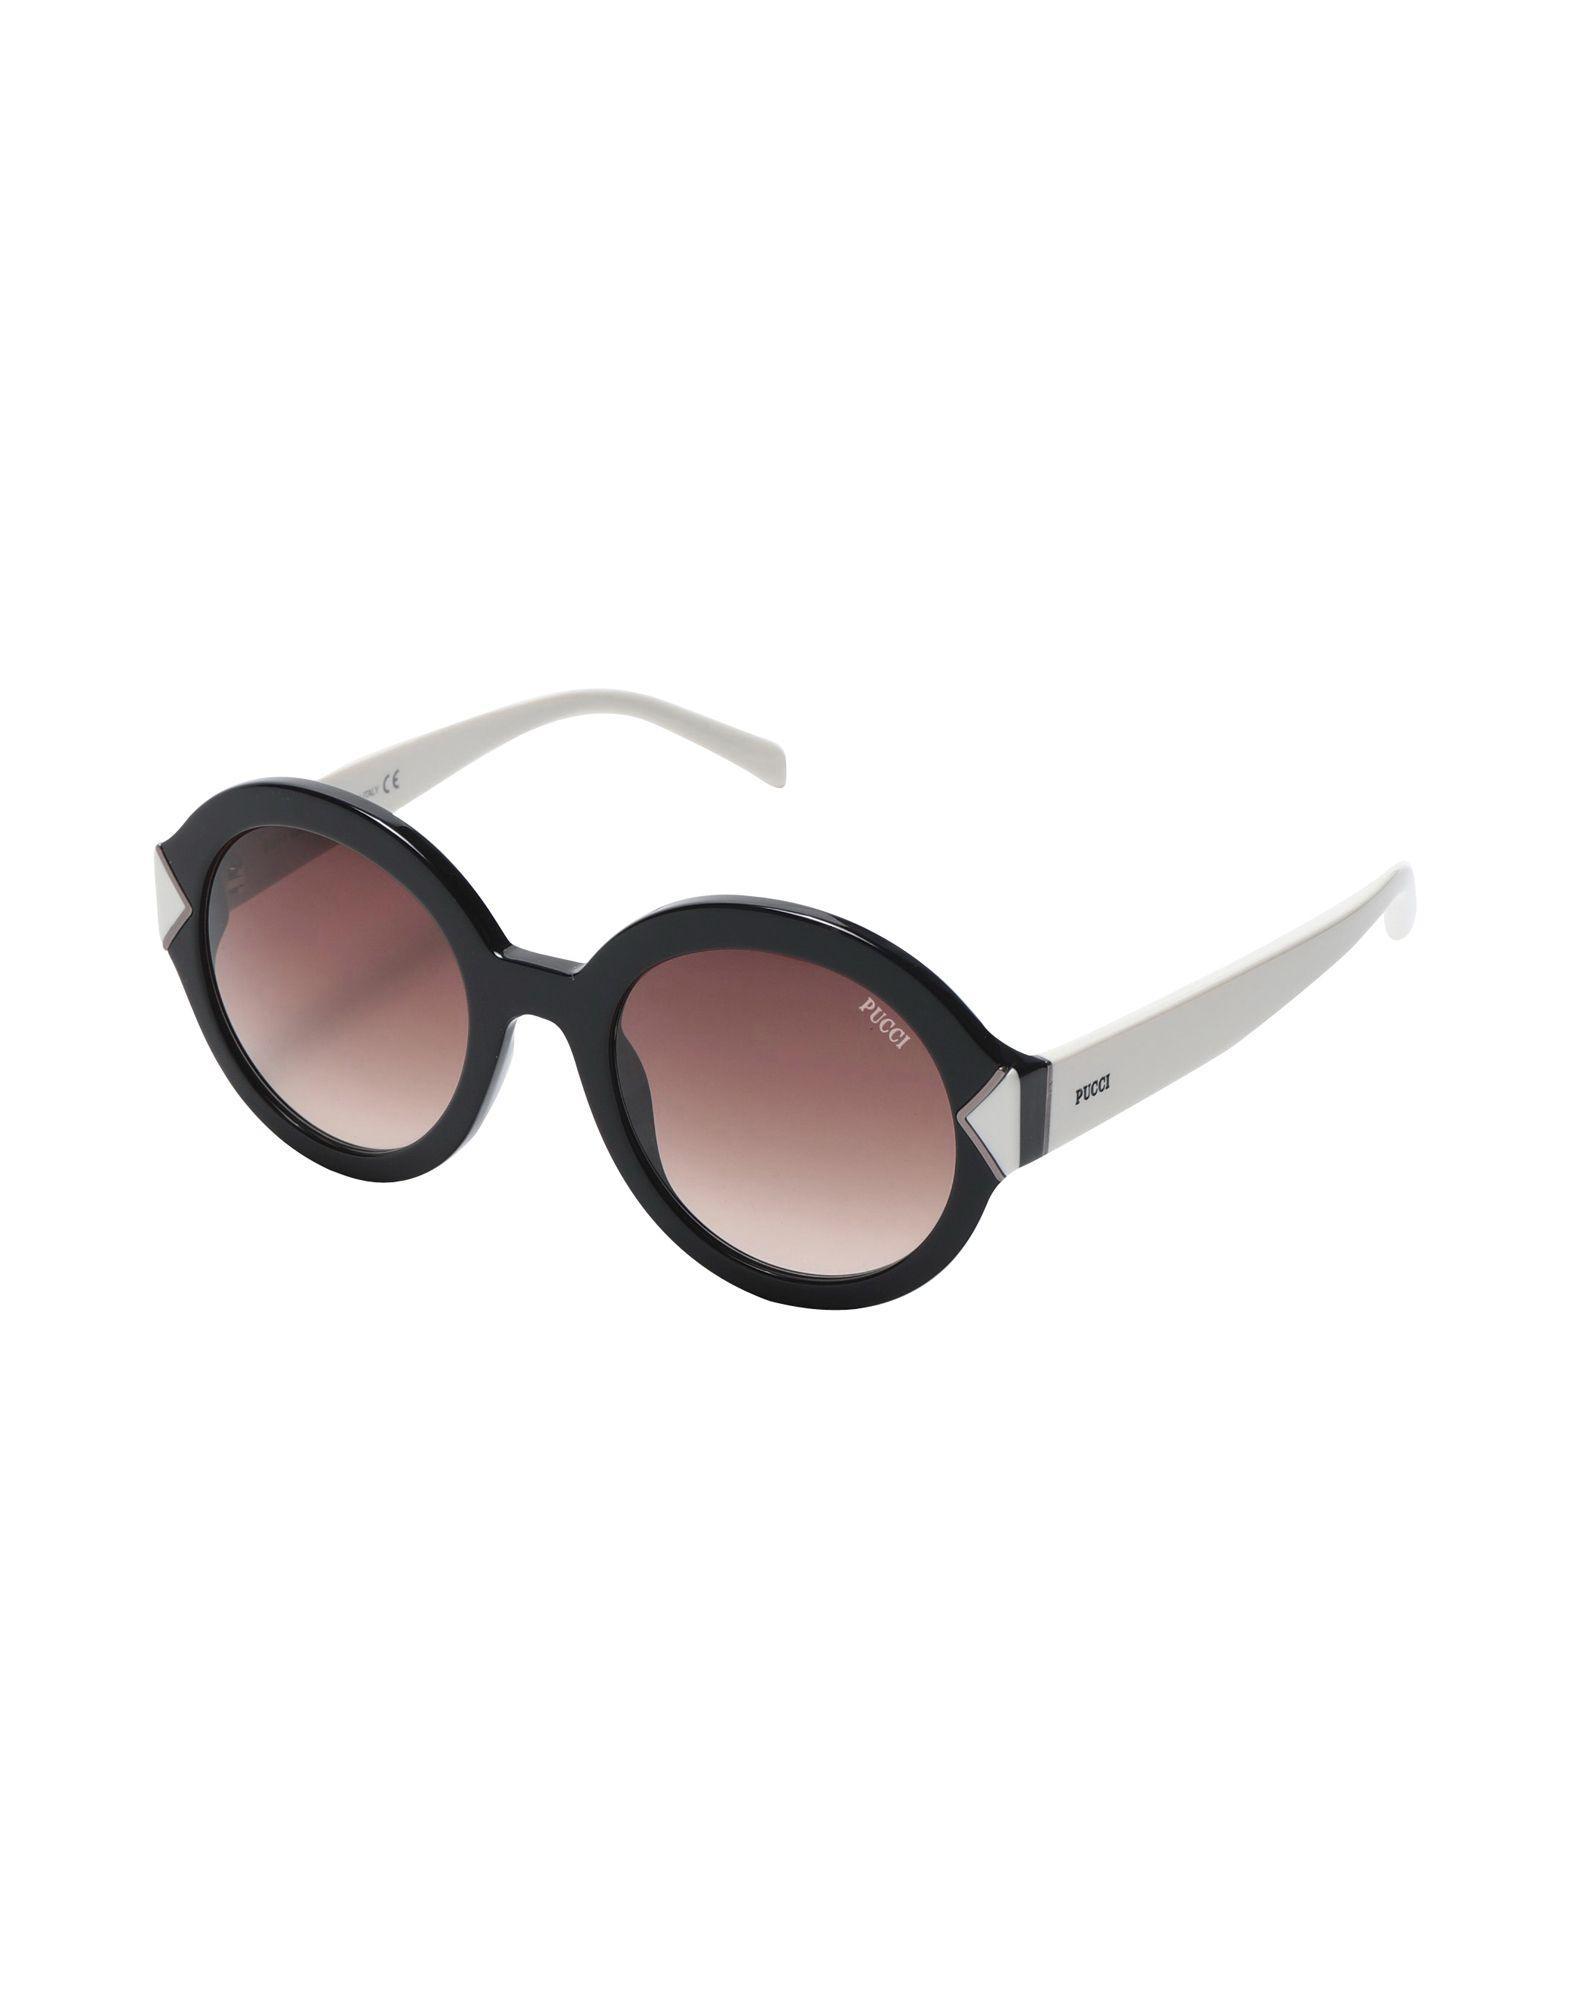 5a949b4c61 Lyst - Gafas de sol Emilio Pucci de color Negro